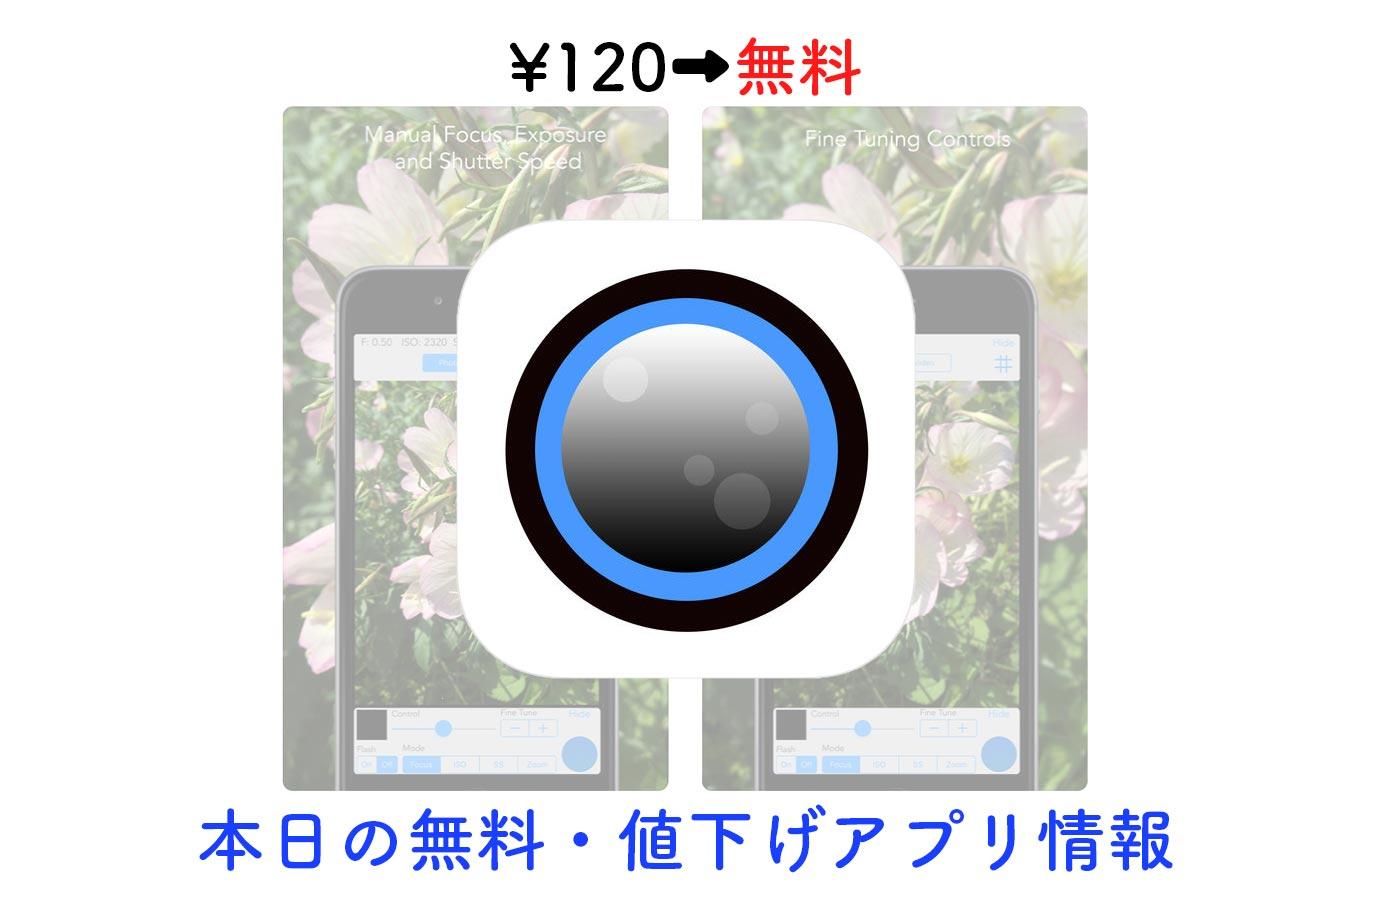 120円→無料、マニュアルカメラアプリ「ReliCam」など【4/13】セールアプリ情報